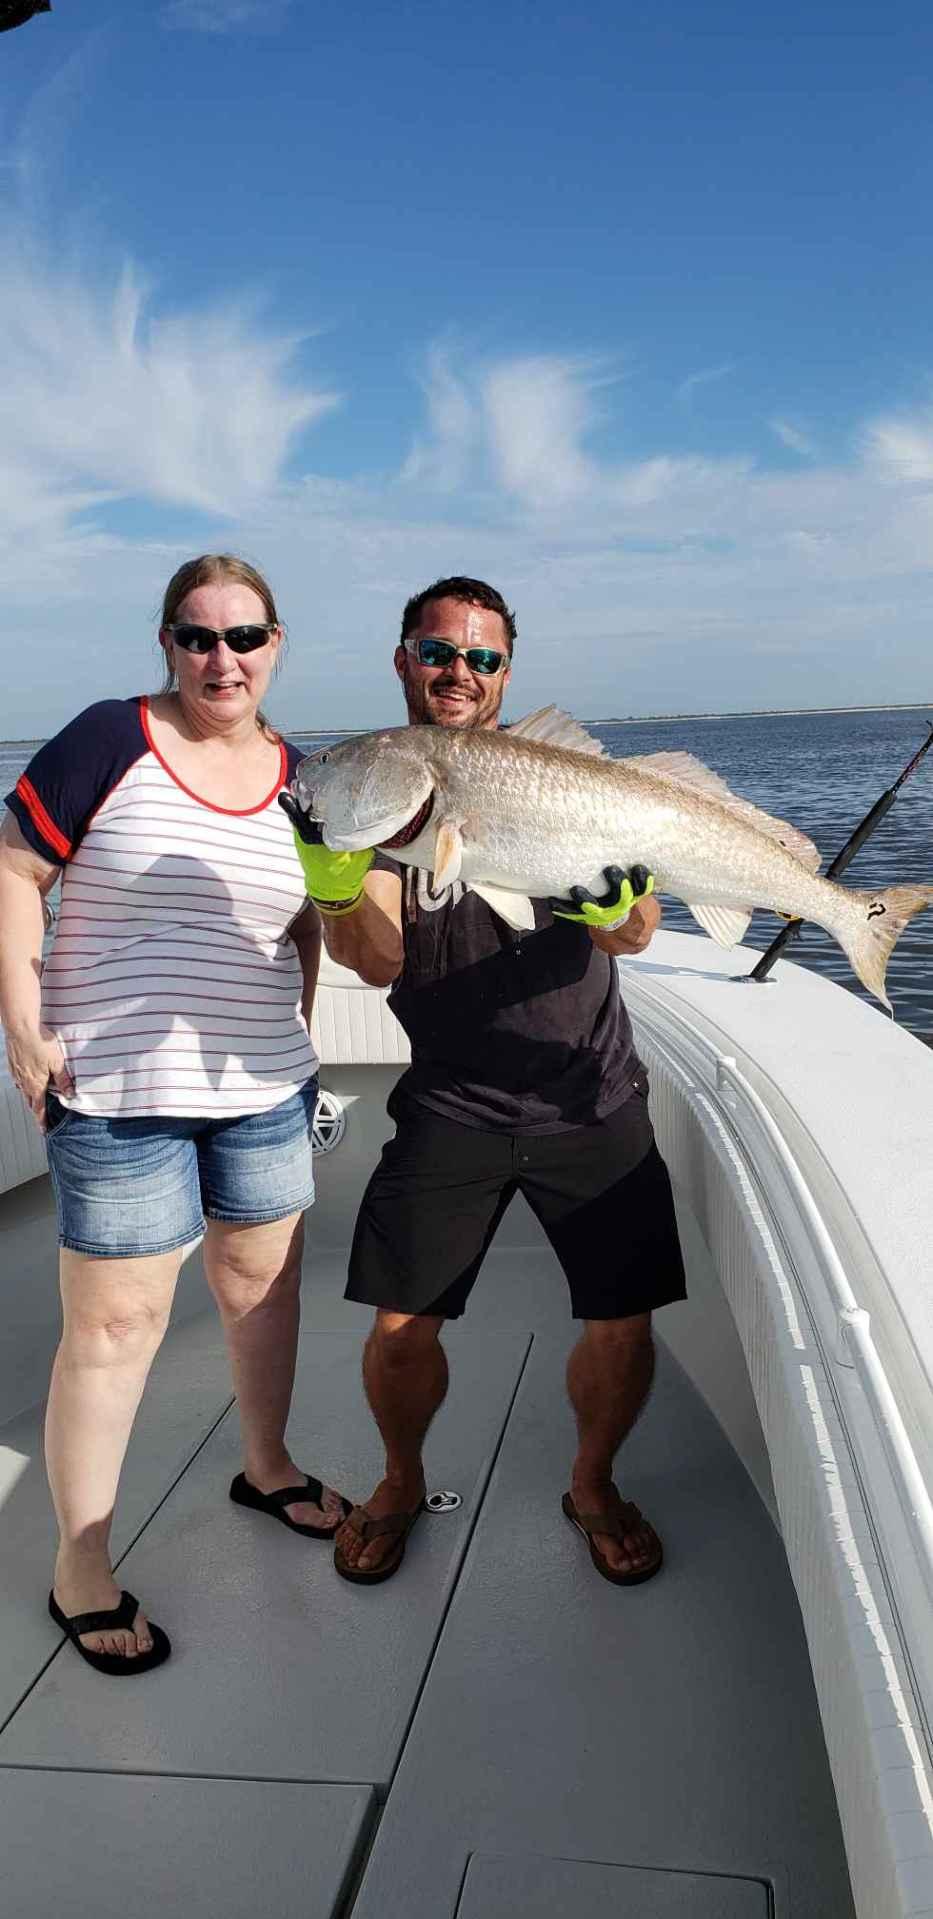 captain-redfish-charter-surfside-texas-2018